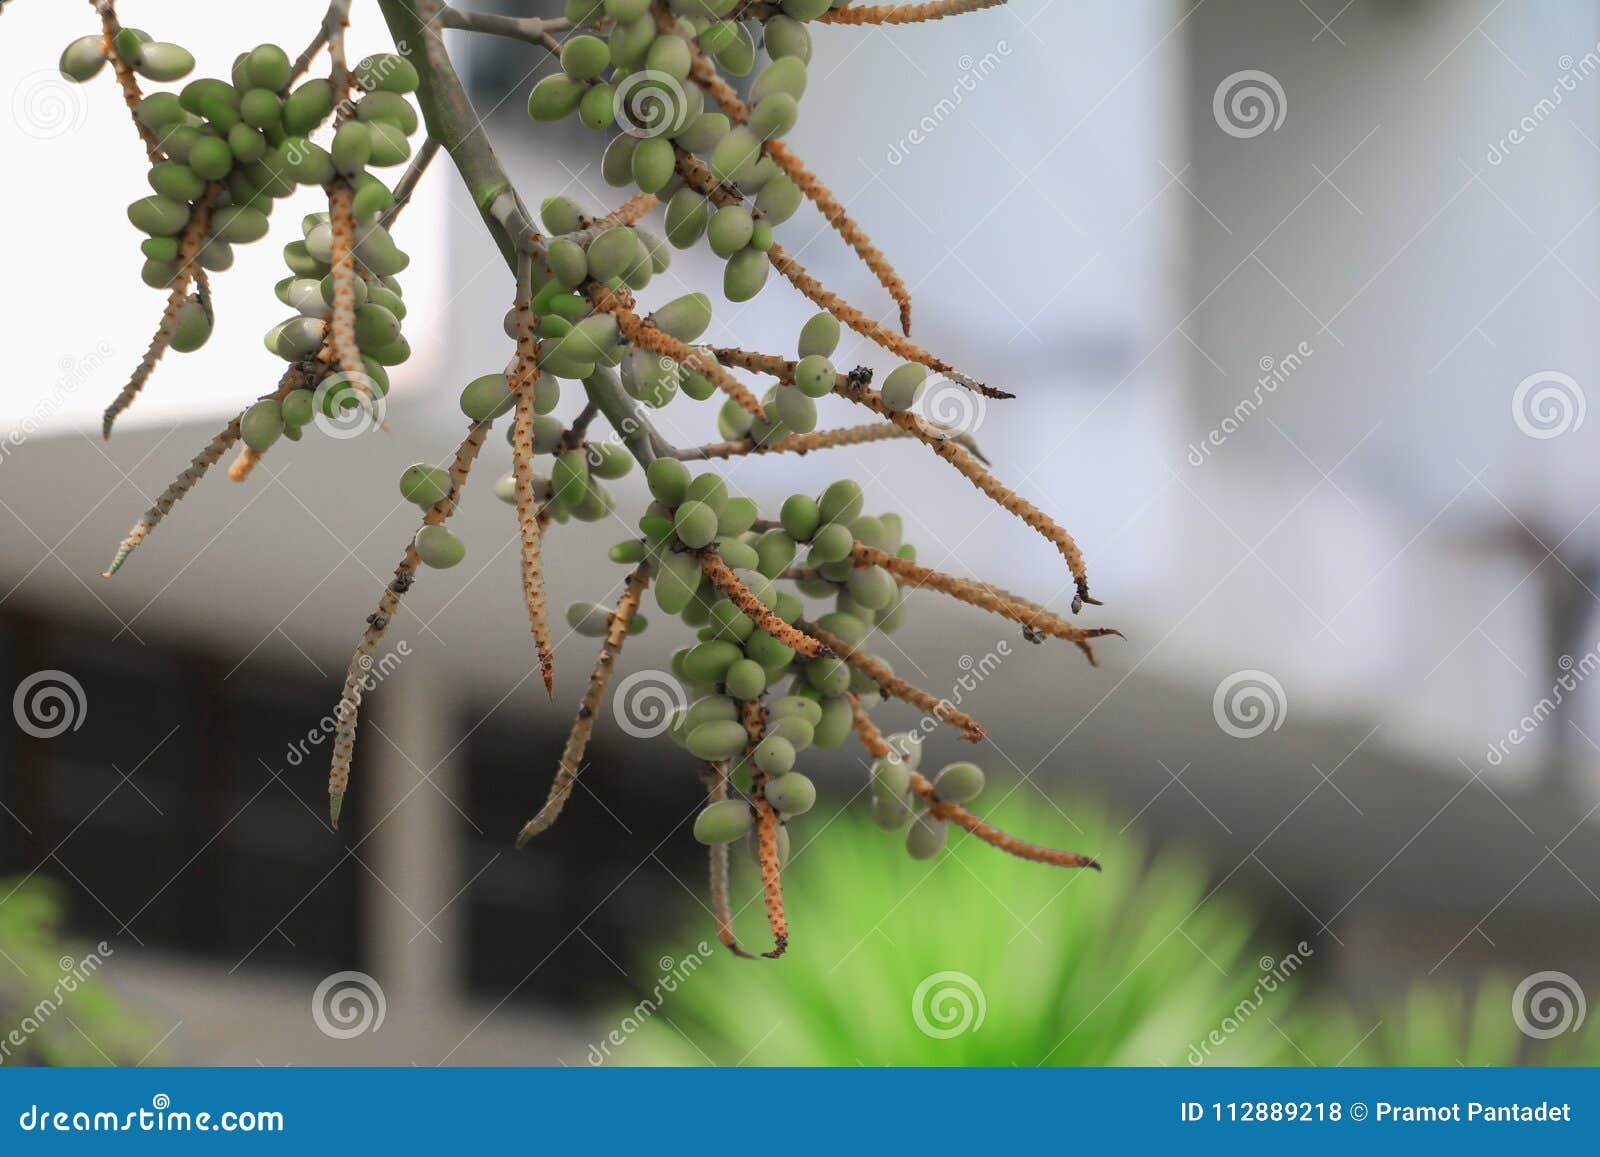 Воск запечатывания ладони губной помады раджи, губная помада, раджа, завод Maharajah орнаментальный в саде выберите фокус с малой